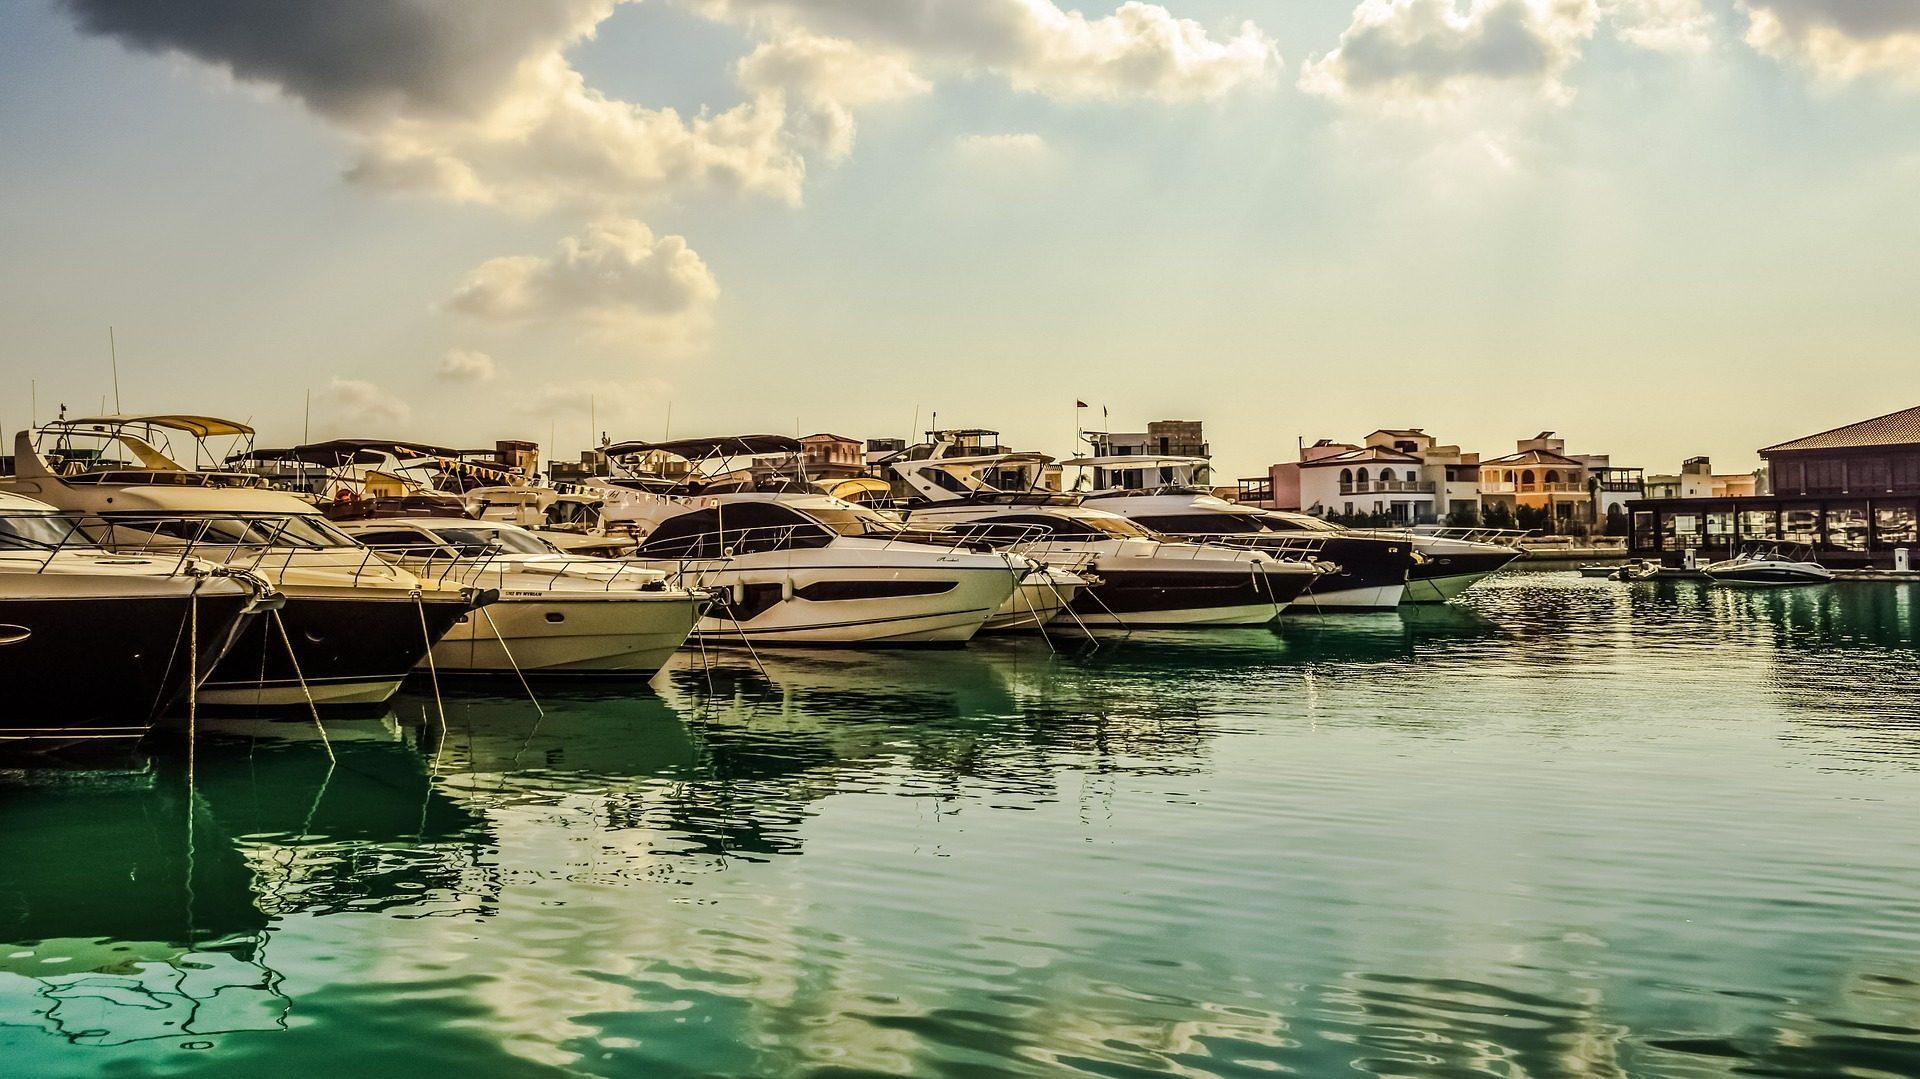 Porto, Mar, barcos, botes, Barcos - Papéis de parede HD - Professor-falken.com